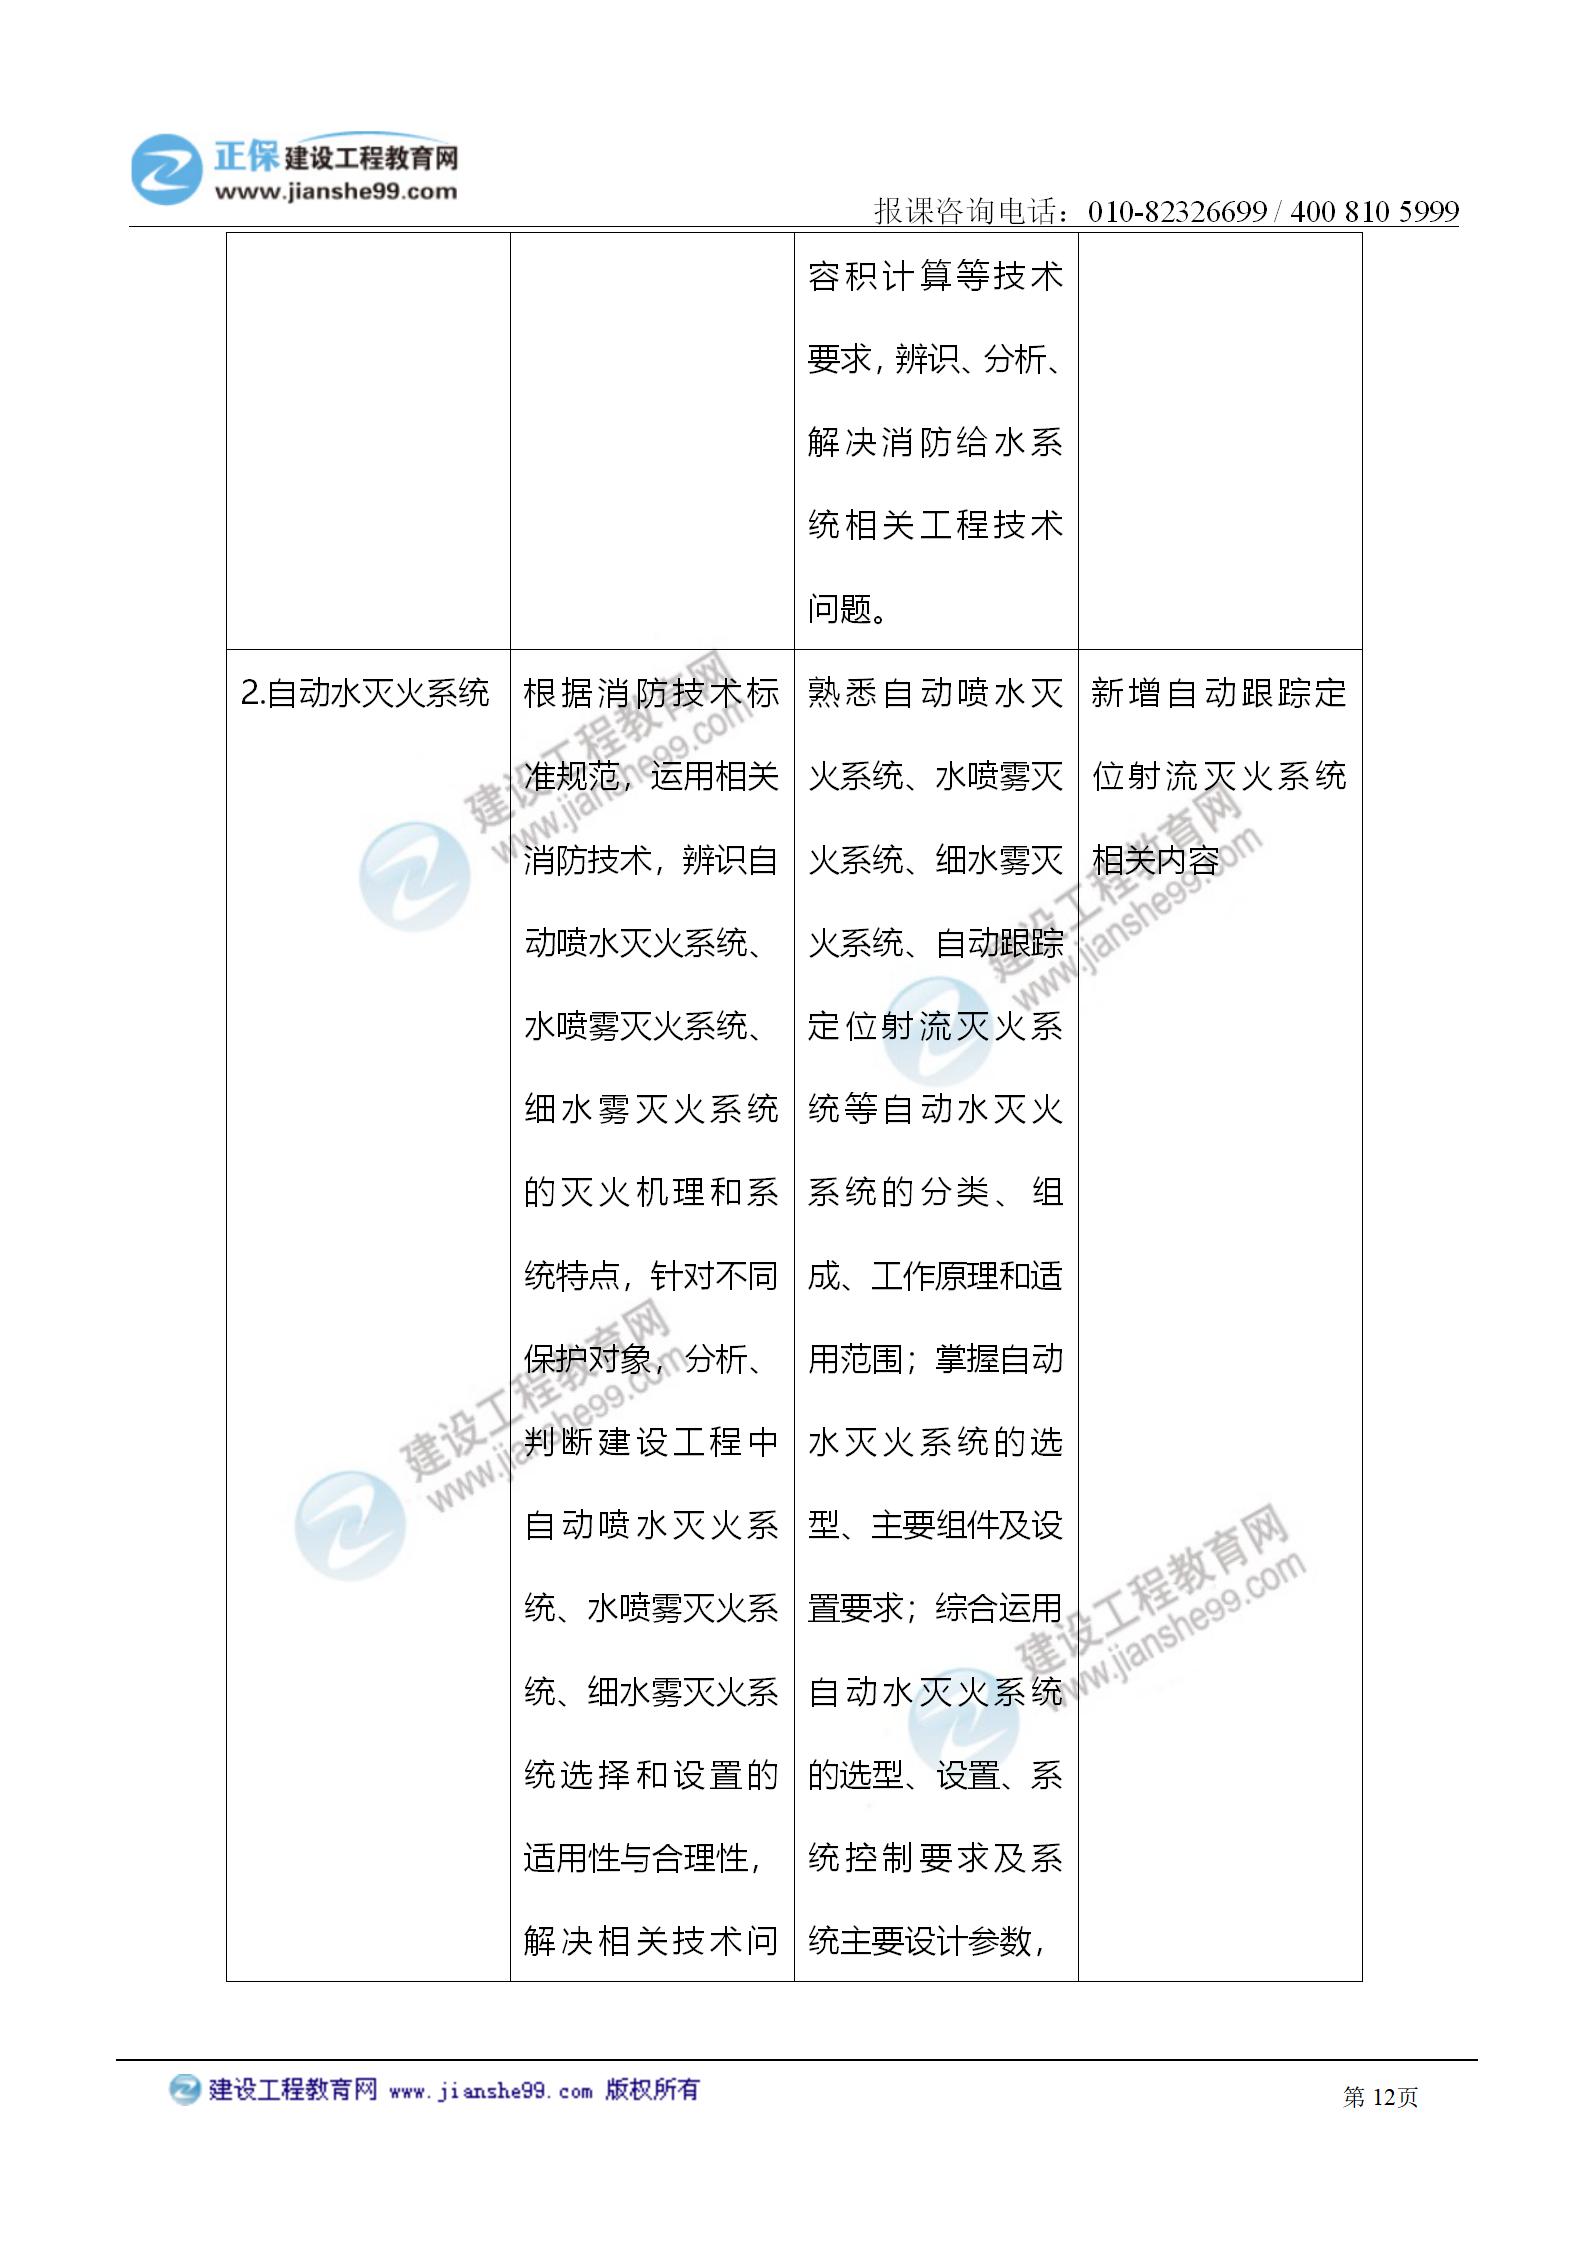 2021注册消防工程师《技术实务》考试大纲变化情况_12